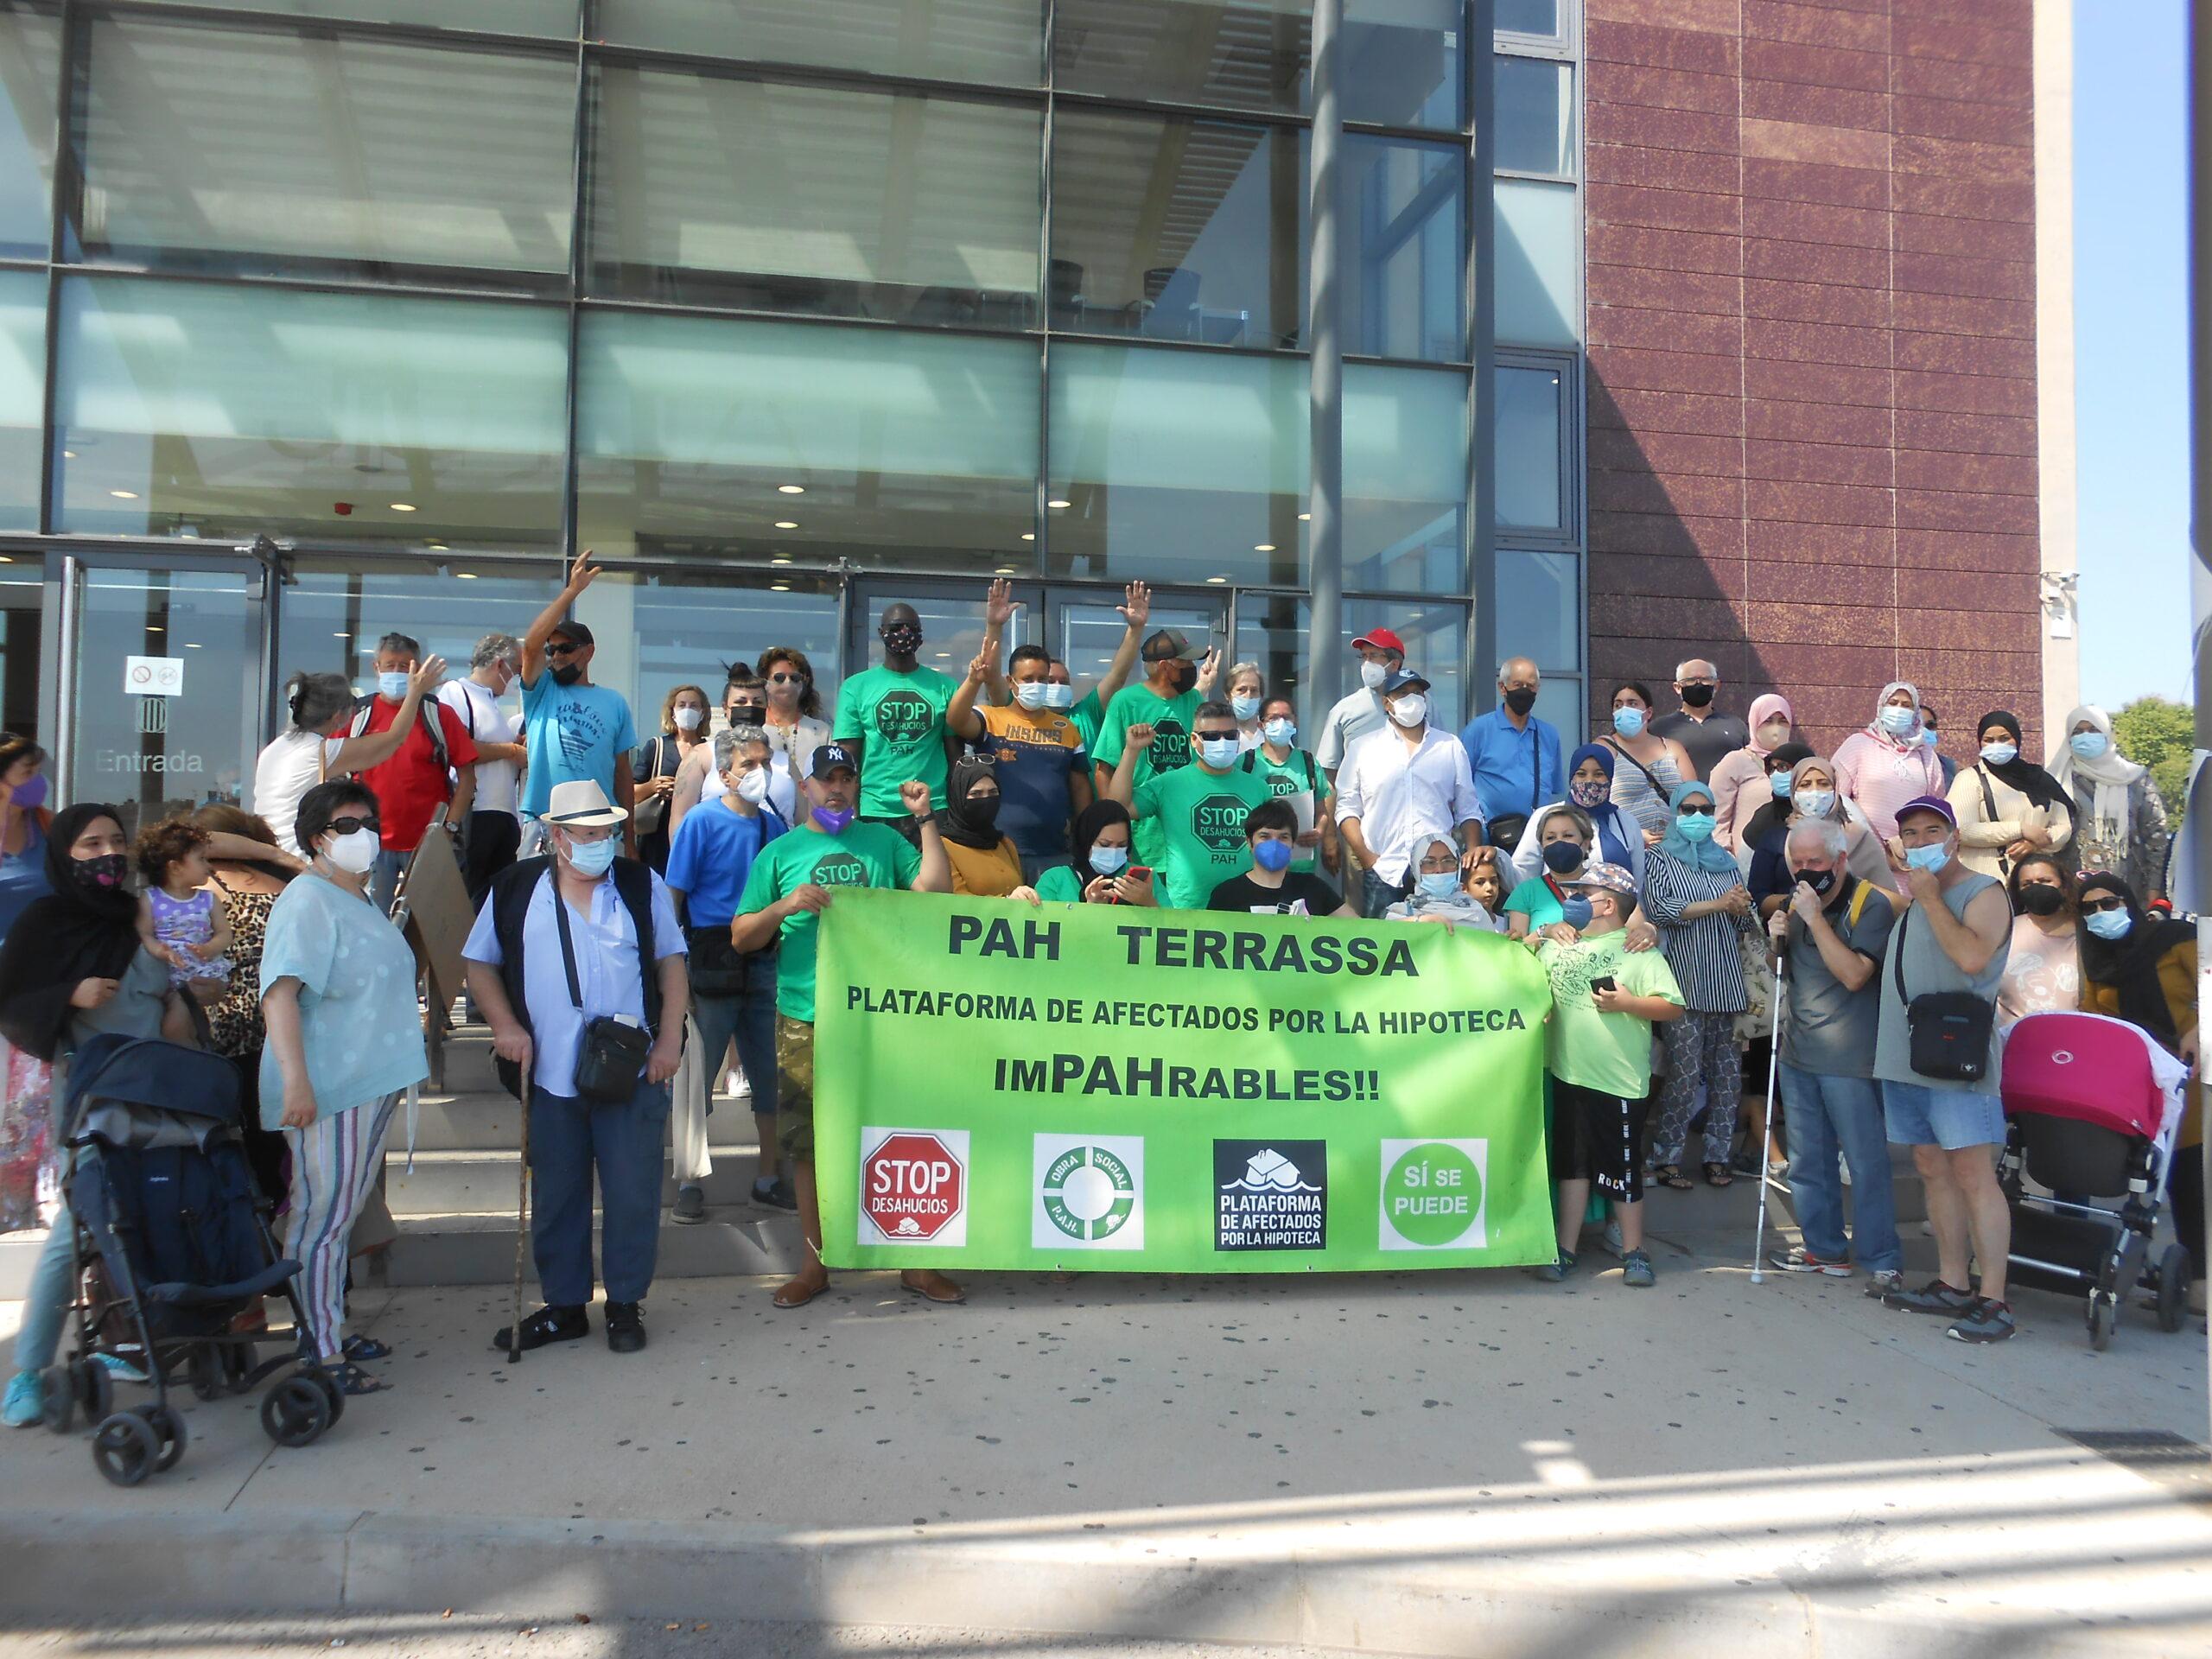 La PAH denuncia incompliment de la moratòria estatal de desnonaments per part d'alguns jutjats de Terrassa/Laura Gómez